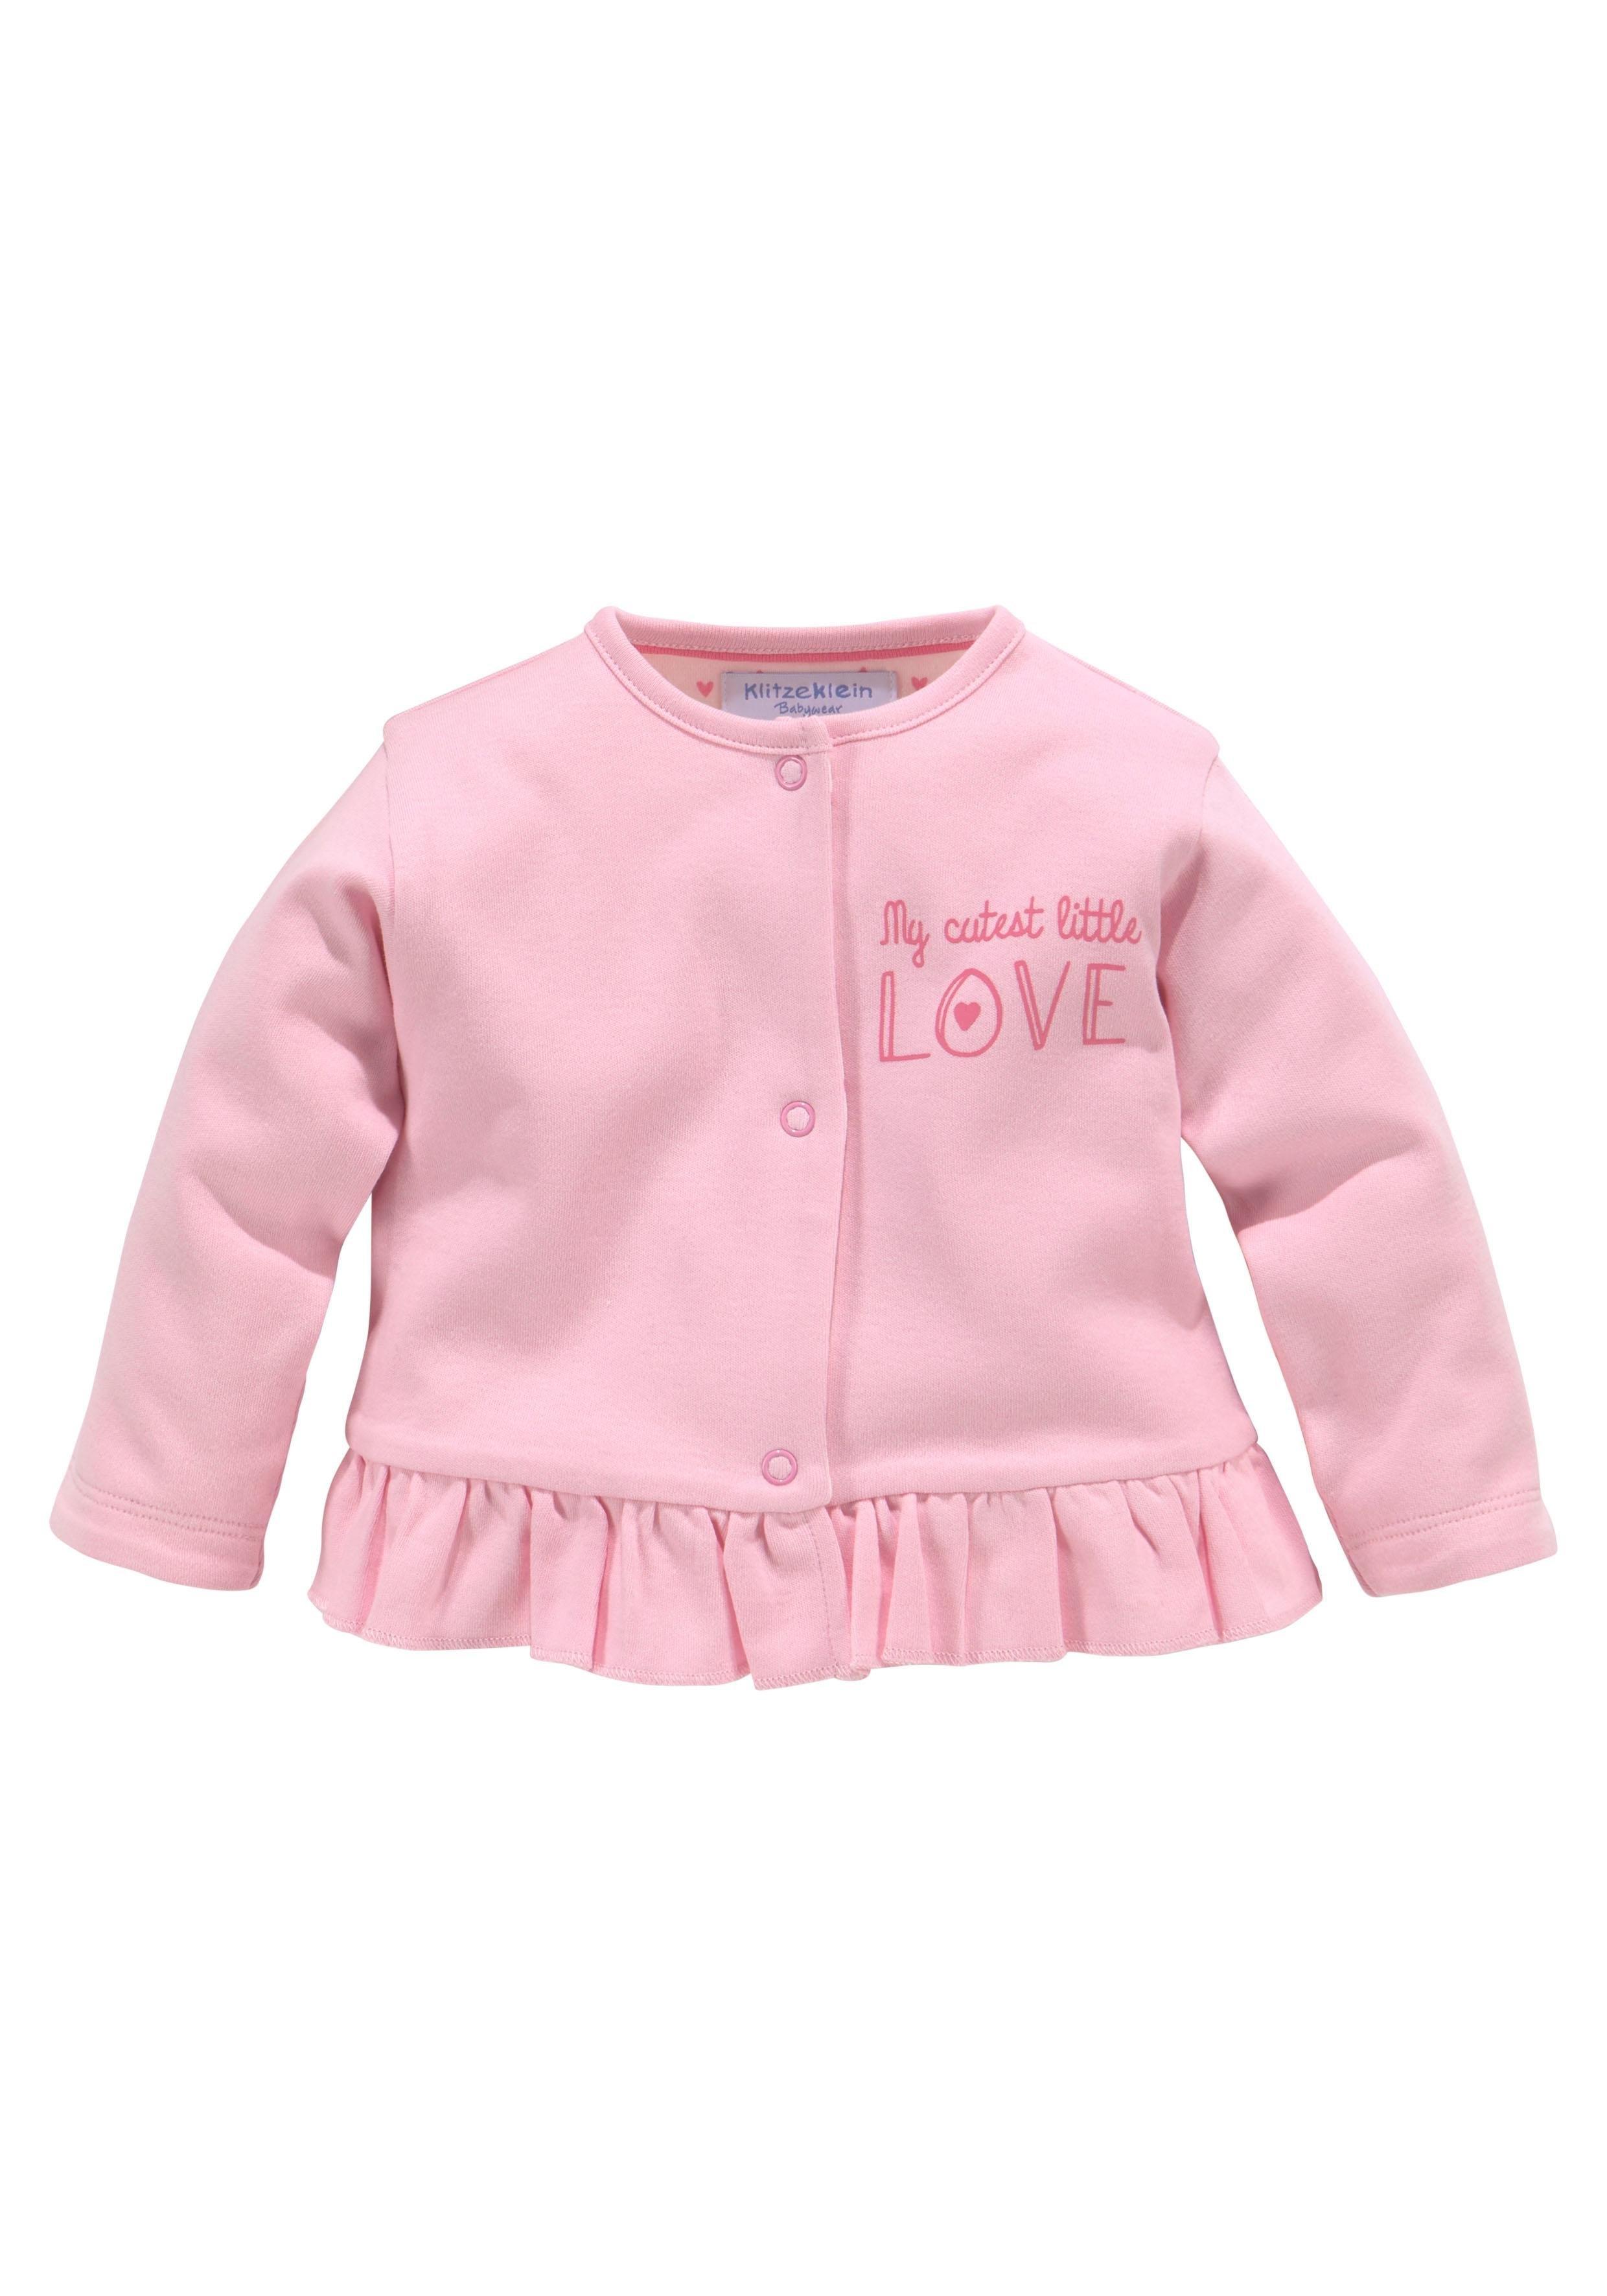 KlitzeKlein boxpakje, jasje & muts »Cute Babygirl« bestellen: 30 dagen bedenktijd